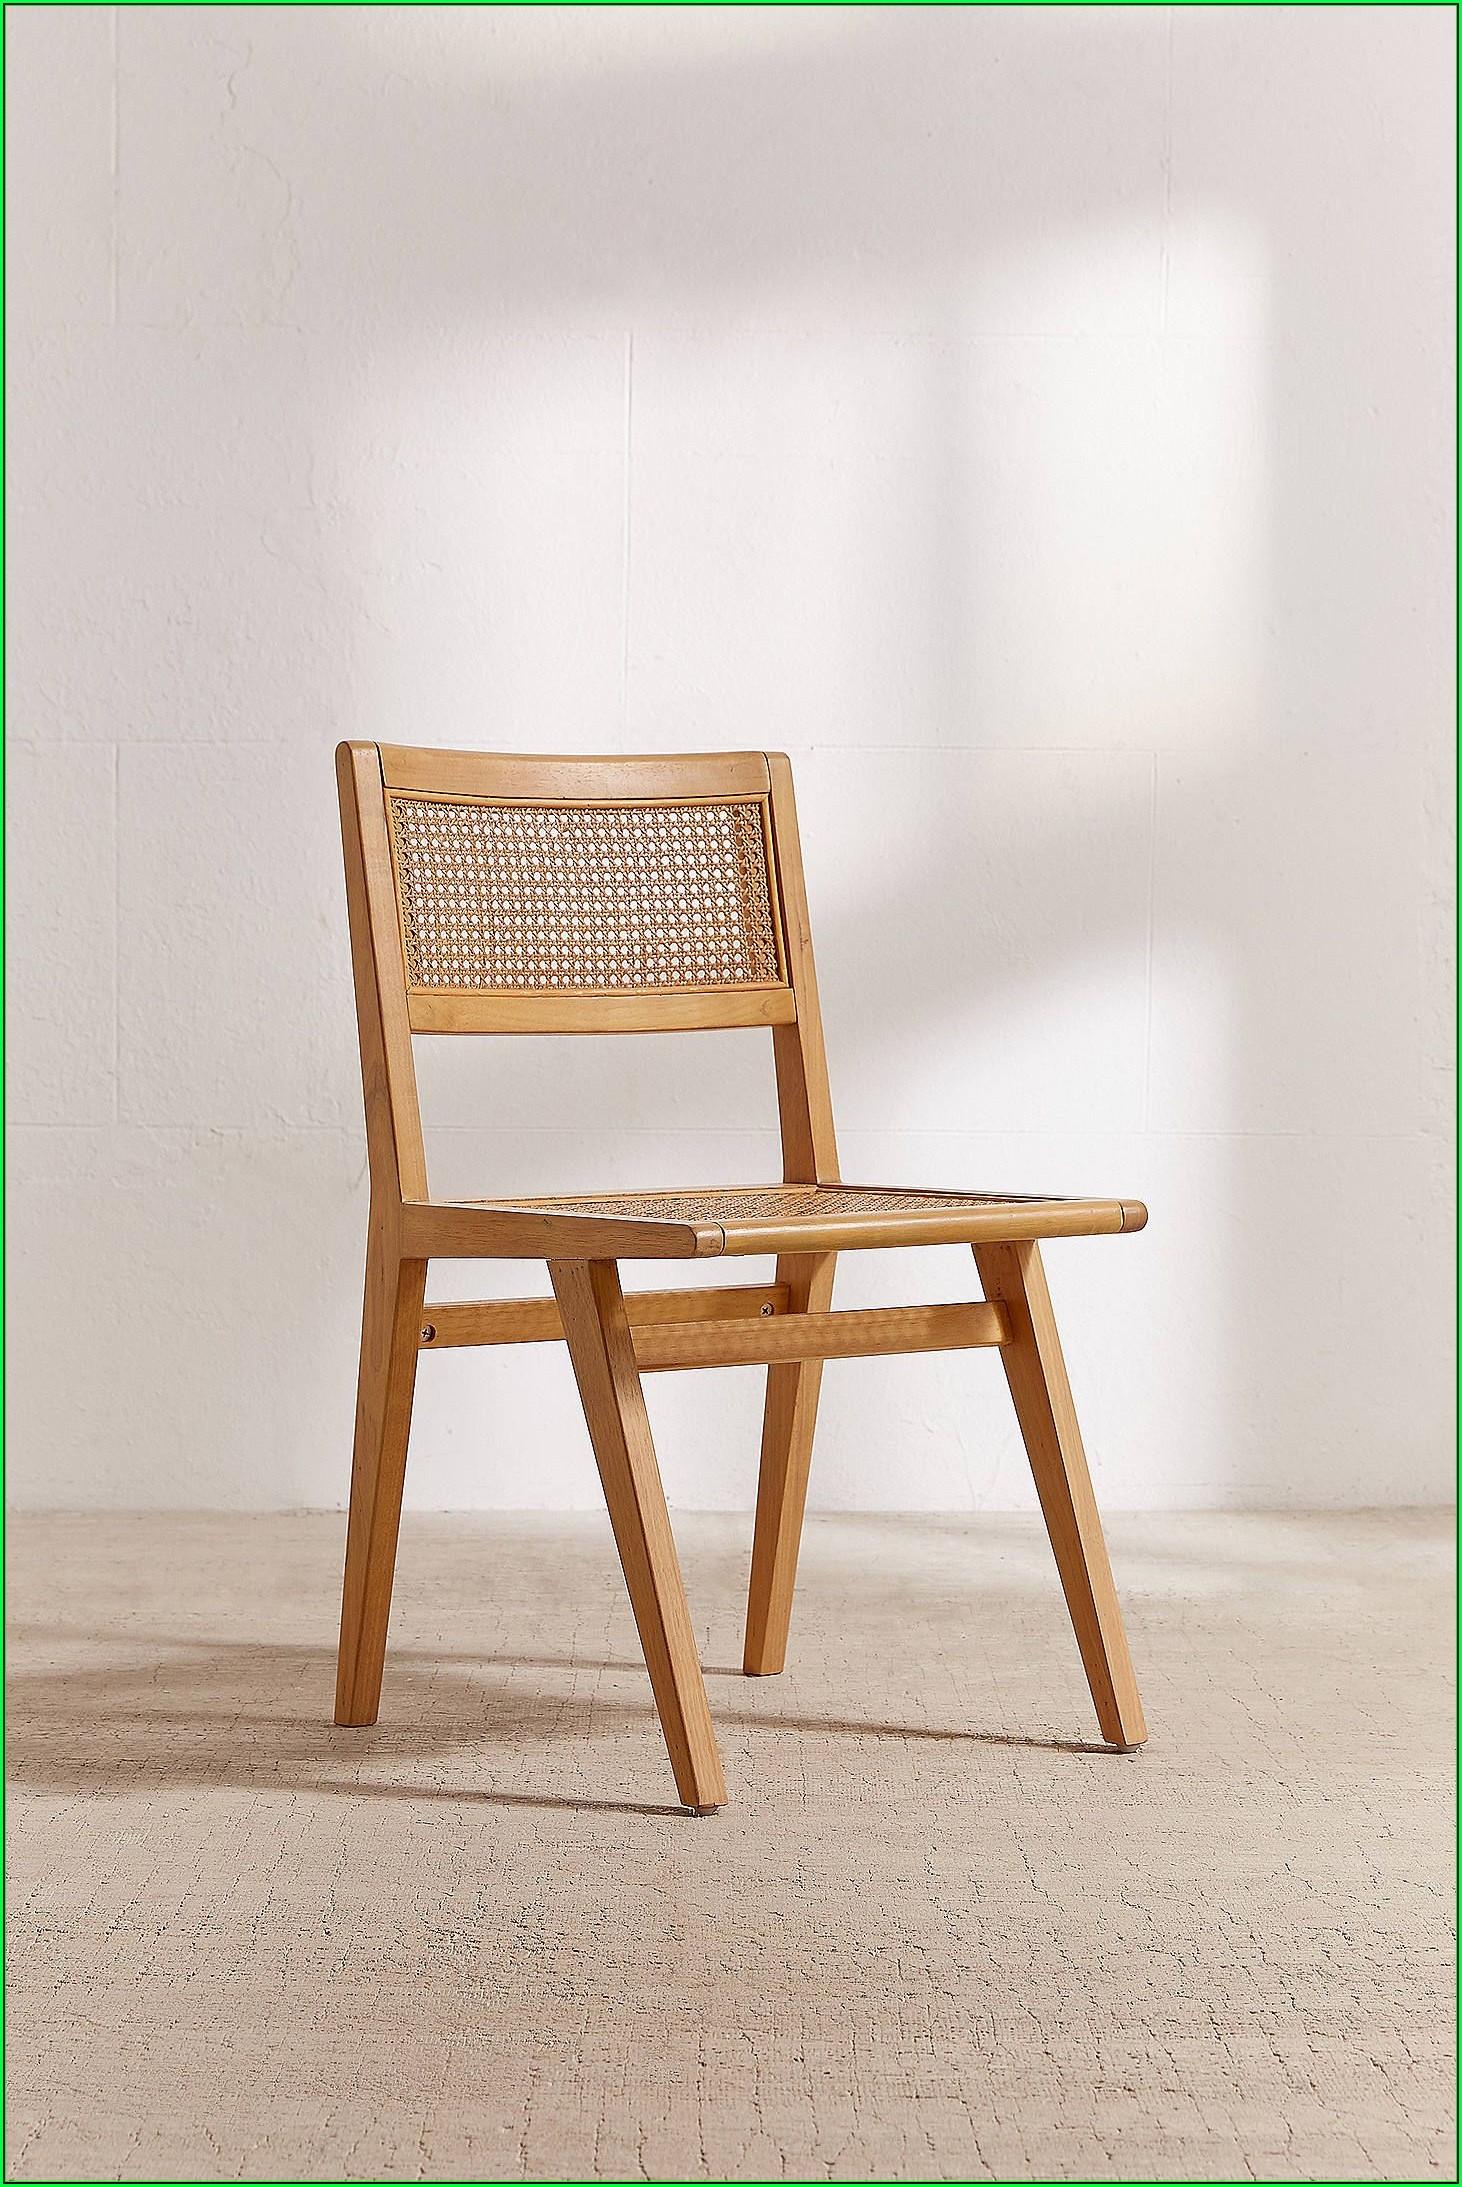 Esszimmer Stühle Polyrattan